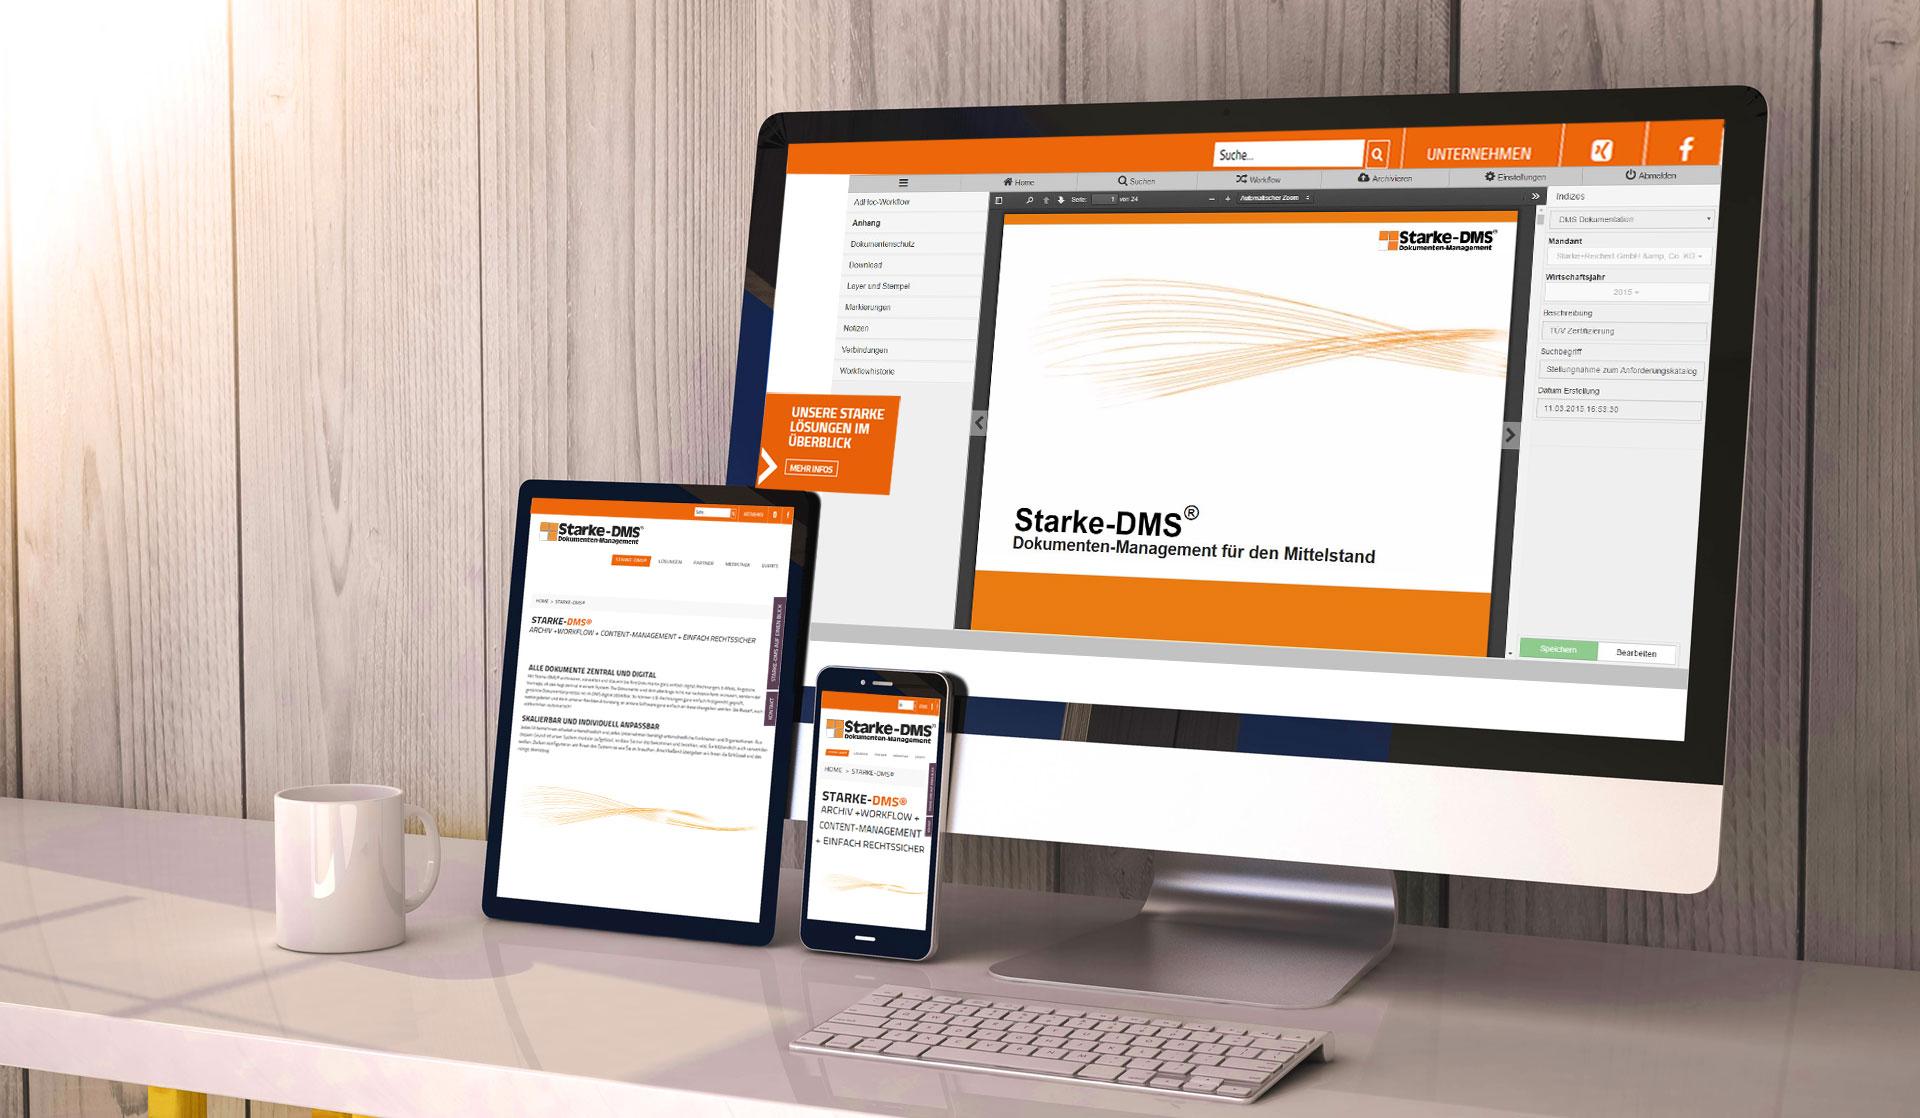 Starke-DMS® auf allen Endgeräten, mobil, tablet, PC, Smartphone - Startbanner